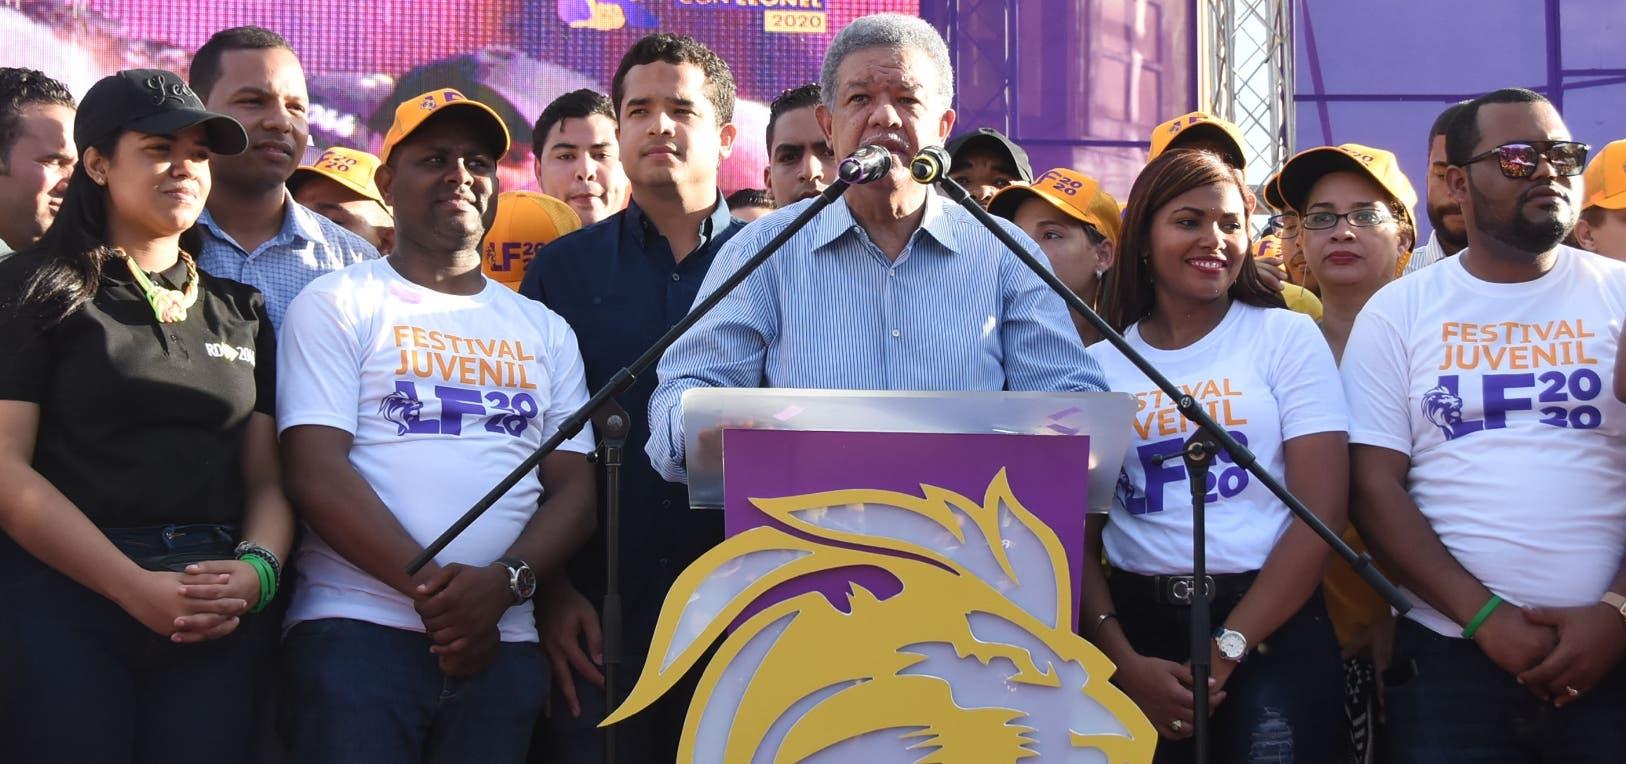 Rostros jóvenes caracterizaron al grupo que acompañó al expresidente Leonel Fernández en la actividad .  Alberto Calvo